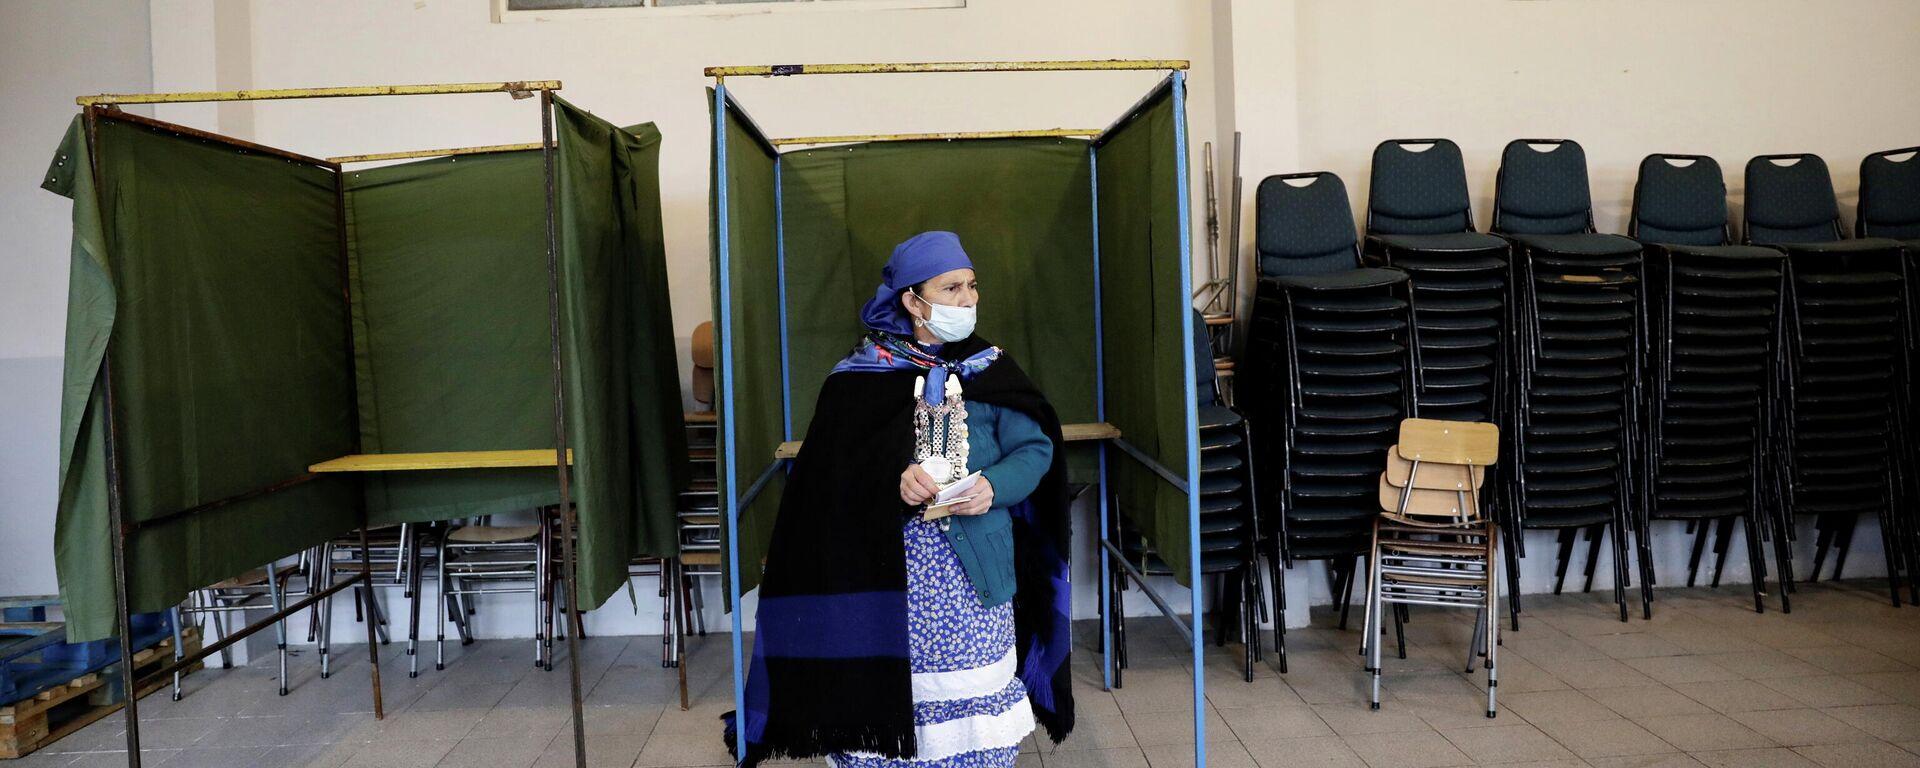 Elecciones en Chile - Sputnik Mundo, 1920, 17.05.2021